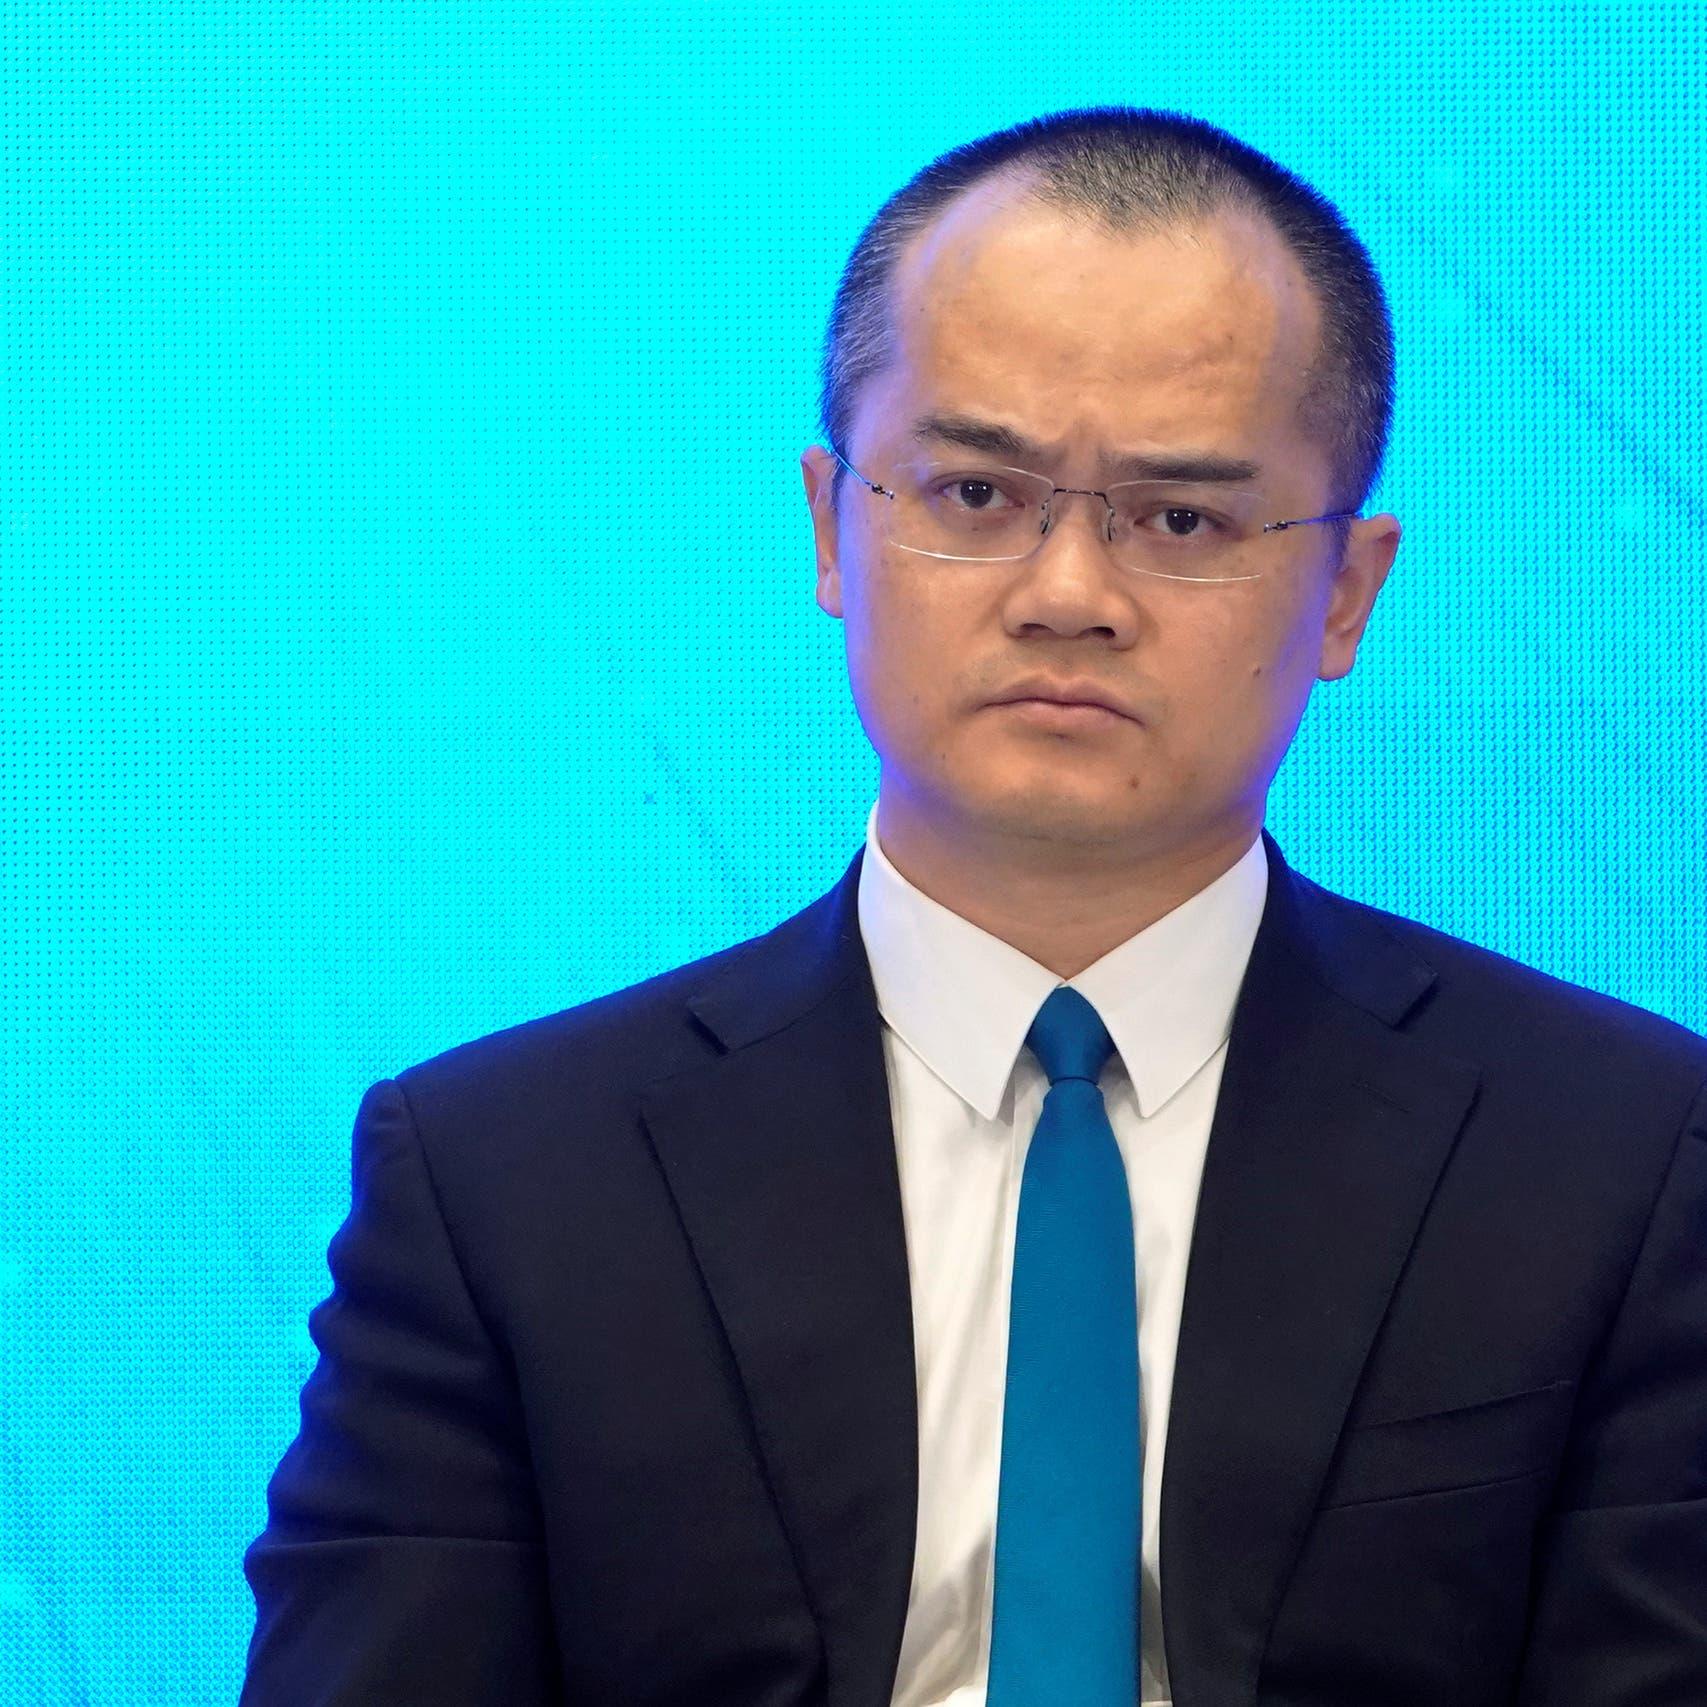 """الصين تأمر مليارديراً بالتواري عن الأنظار بسبب قصيدة.. هل تتكرر قصة """"علي بابا""""؟"""